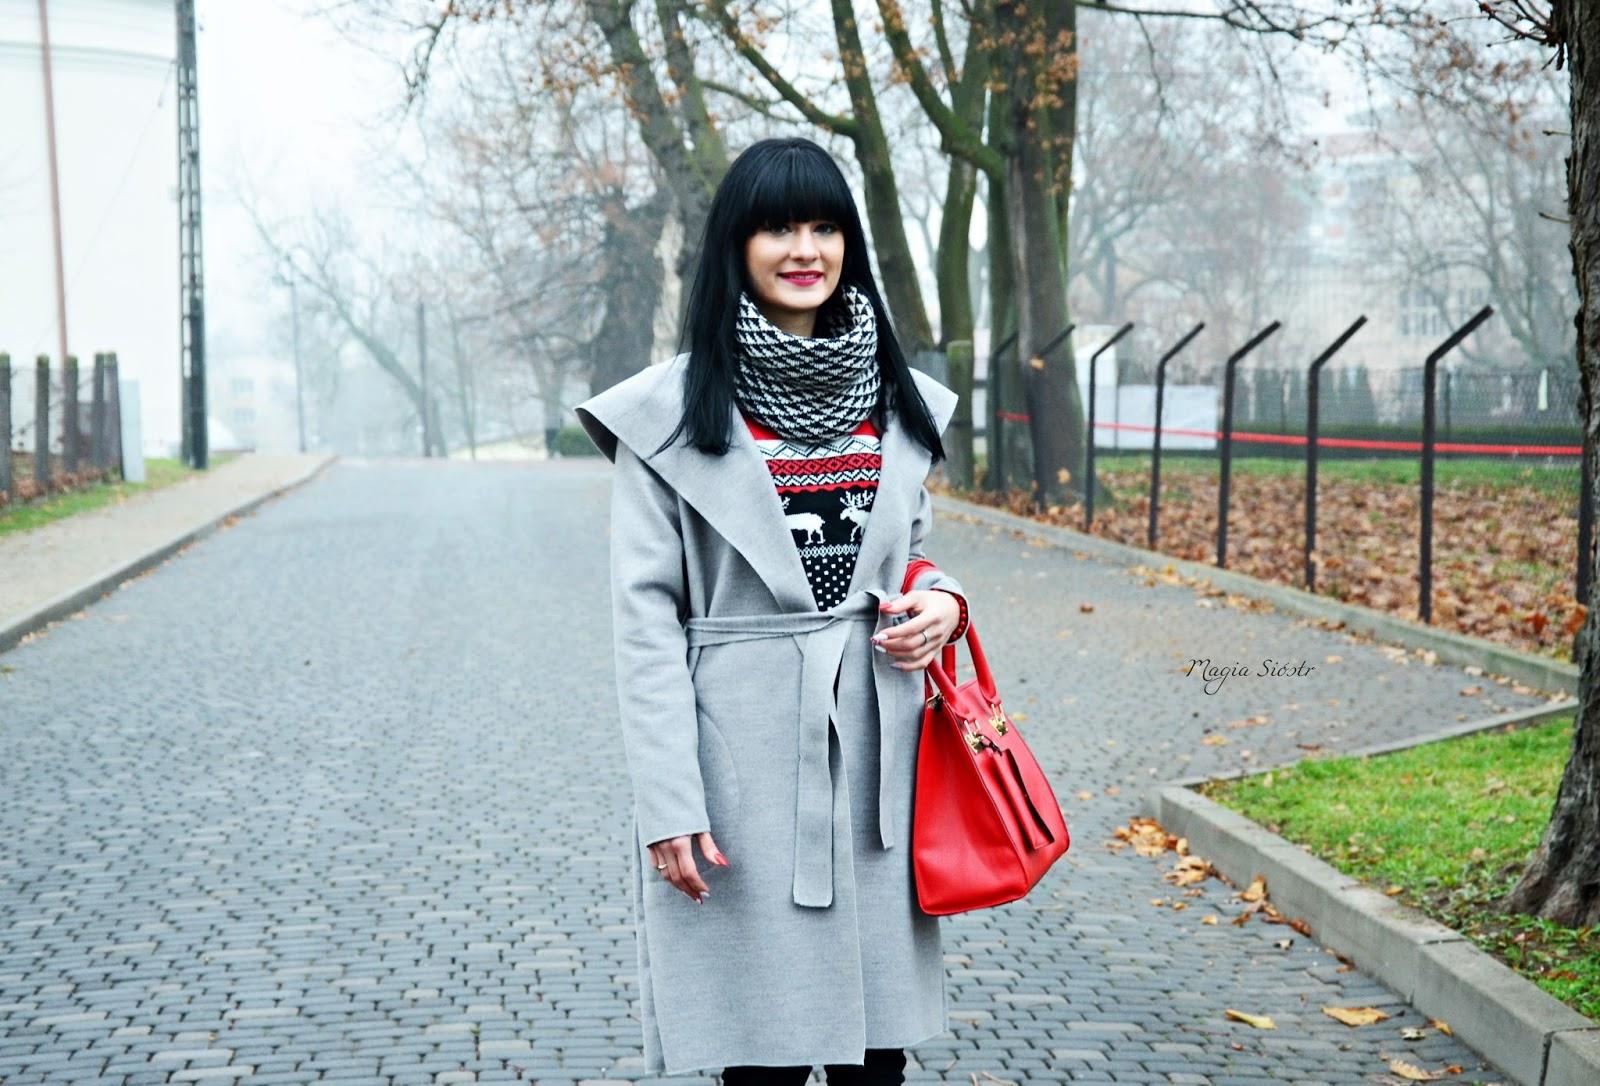 jesienna stylizacja, blog modowy, szary płaszcz, czerwona torebka